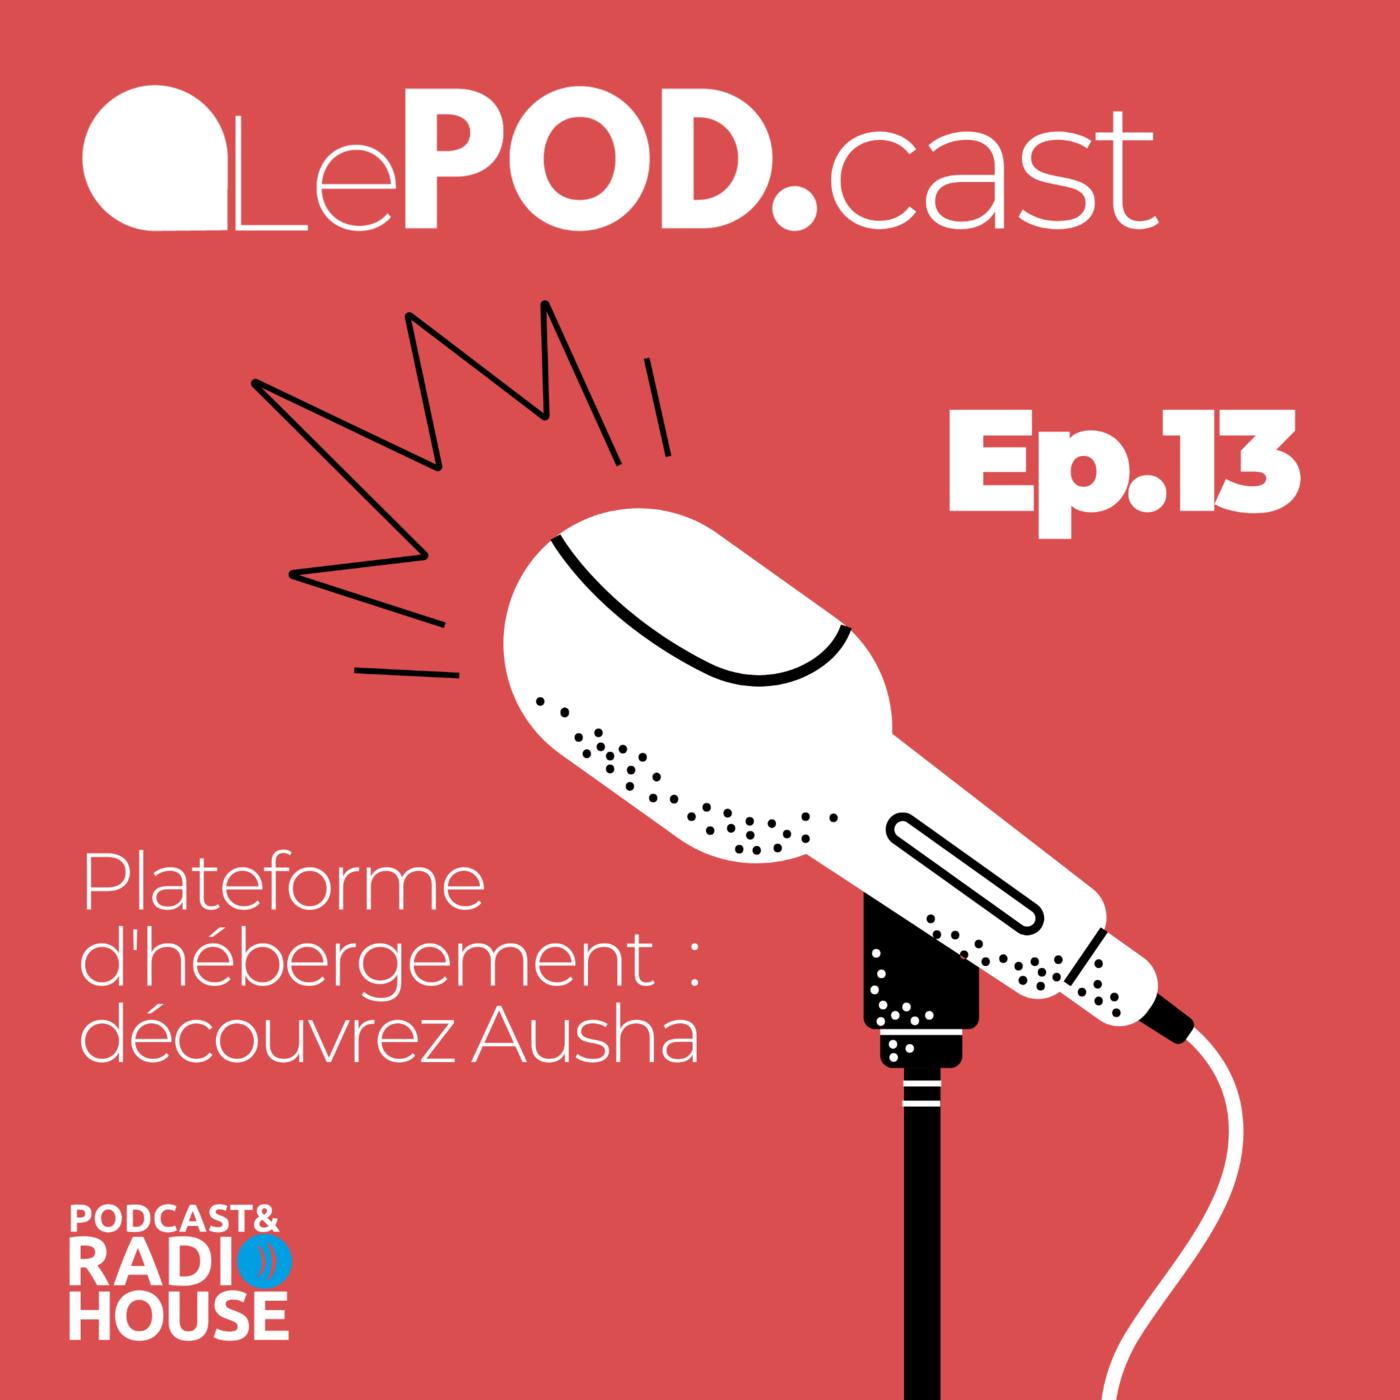 EP.13 - Plateforme d'hébergement : Ausha - Le POD.